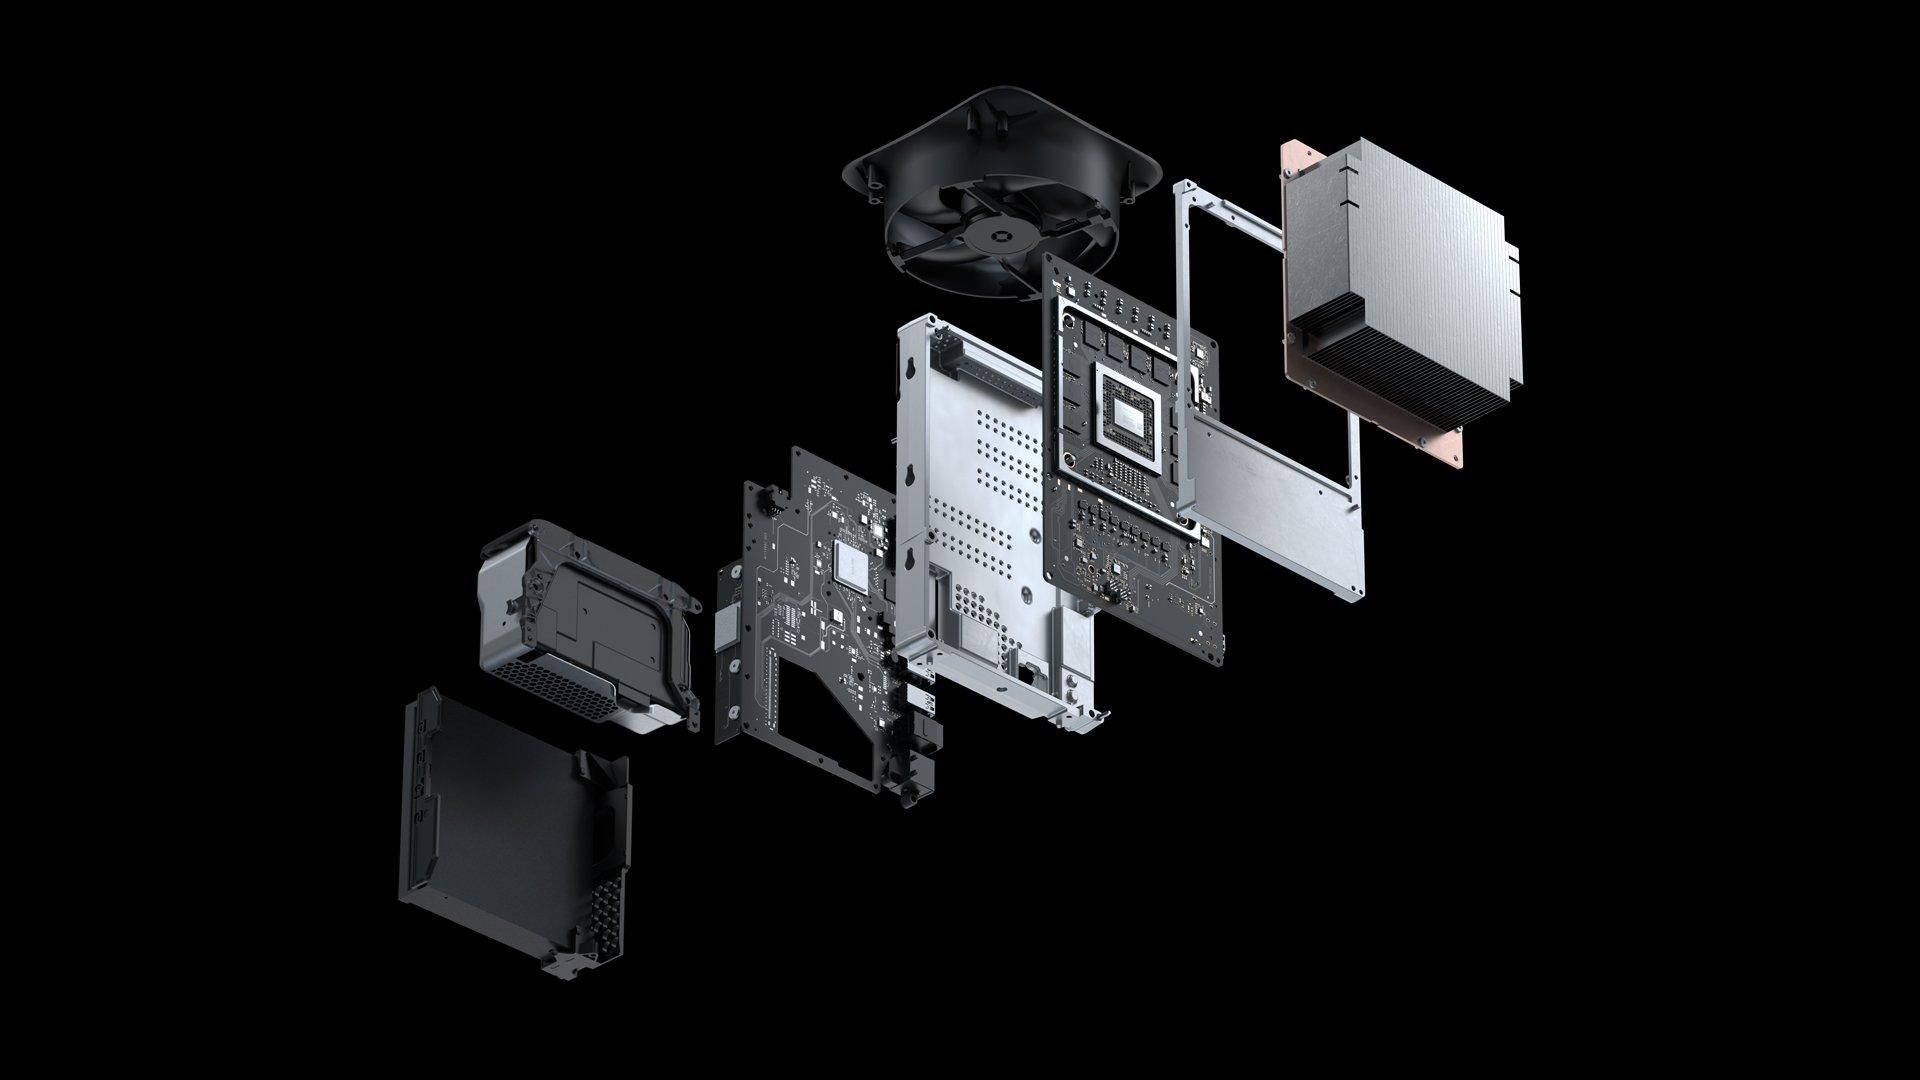 xbox series x specs revealed